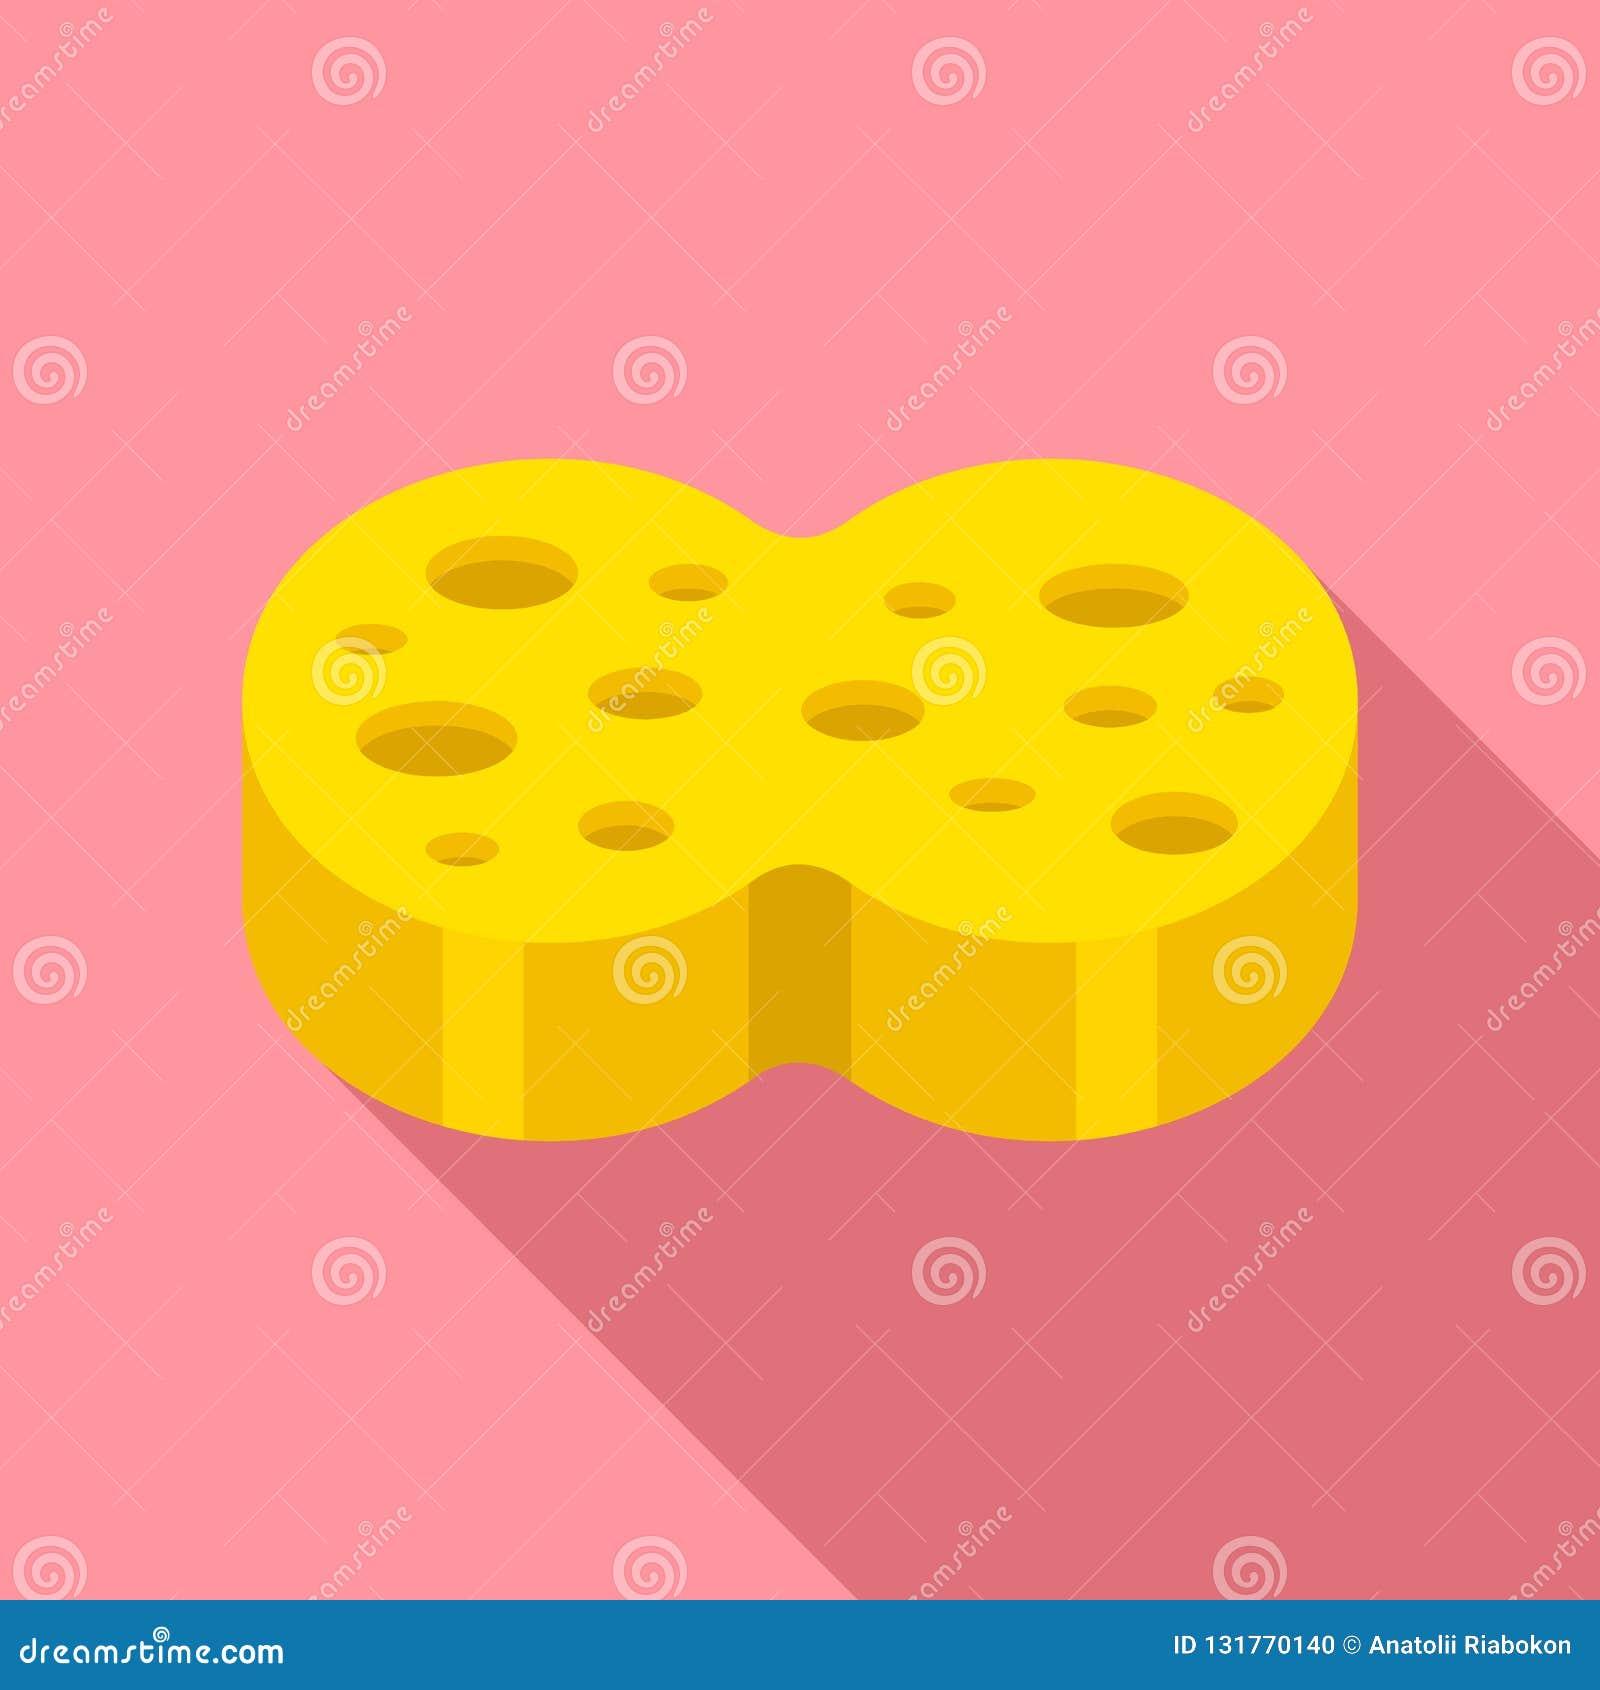 Sponge wash icon, flat style